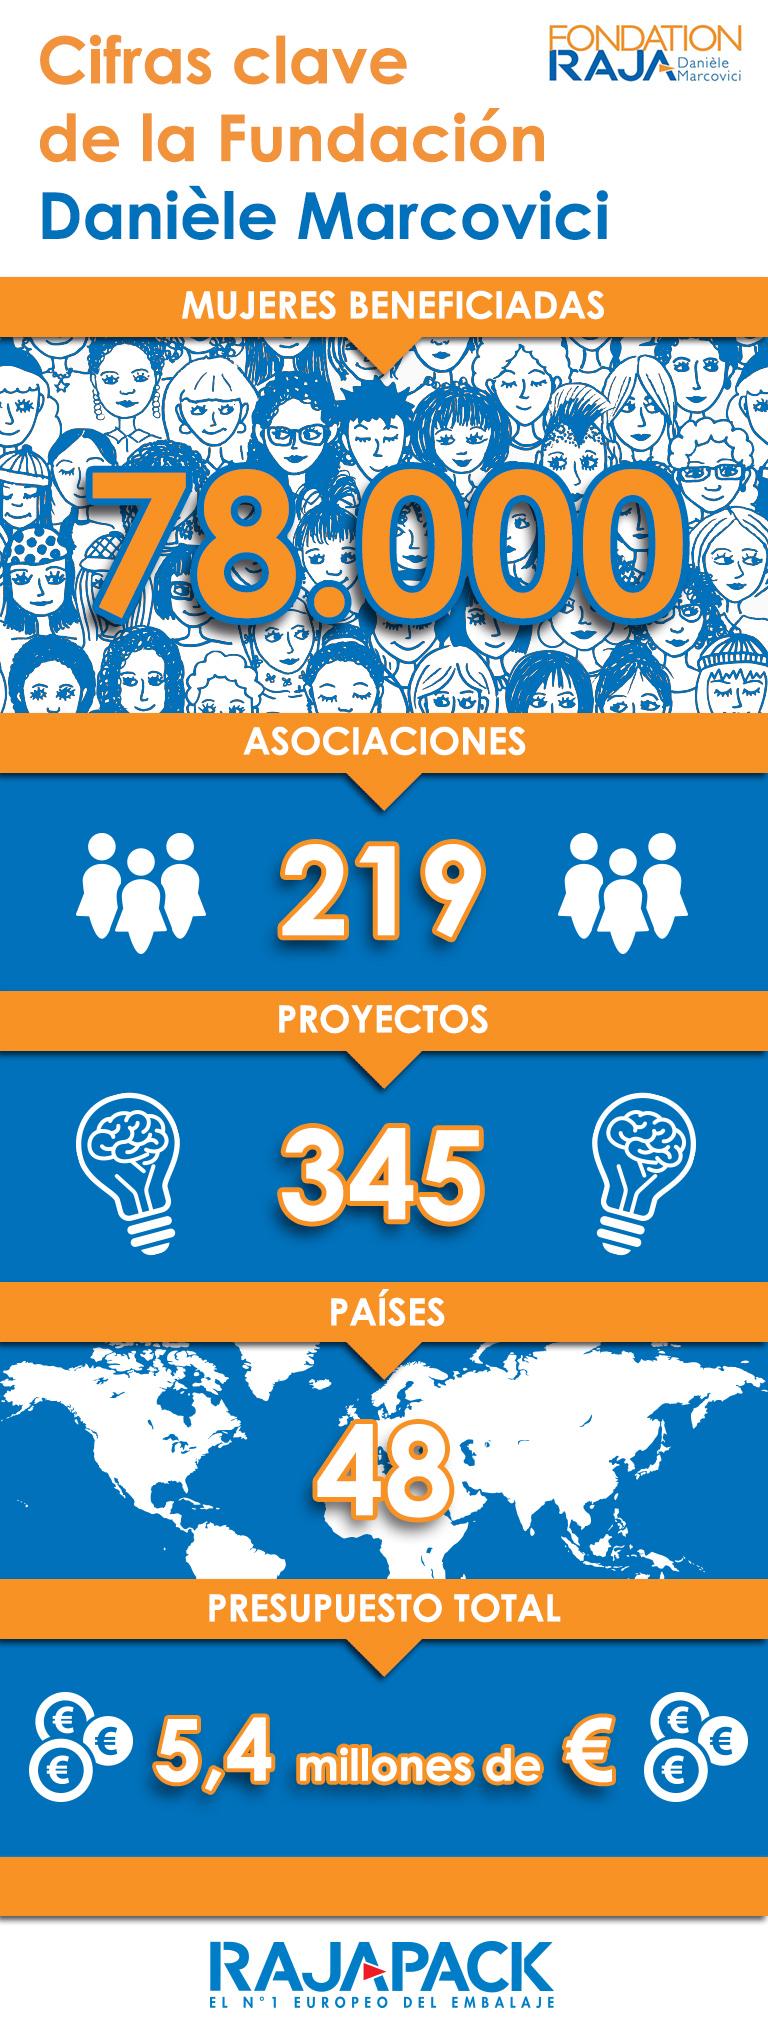 Cifras clave de la Fundación Danièle Marcovici